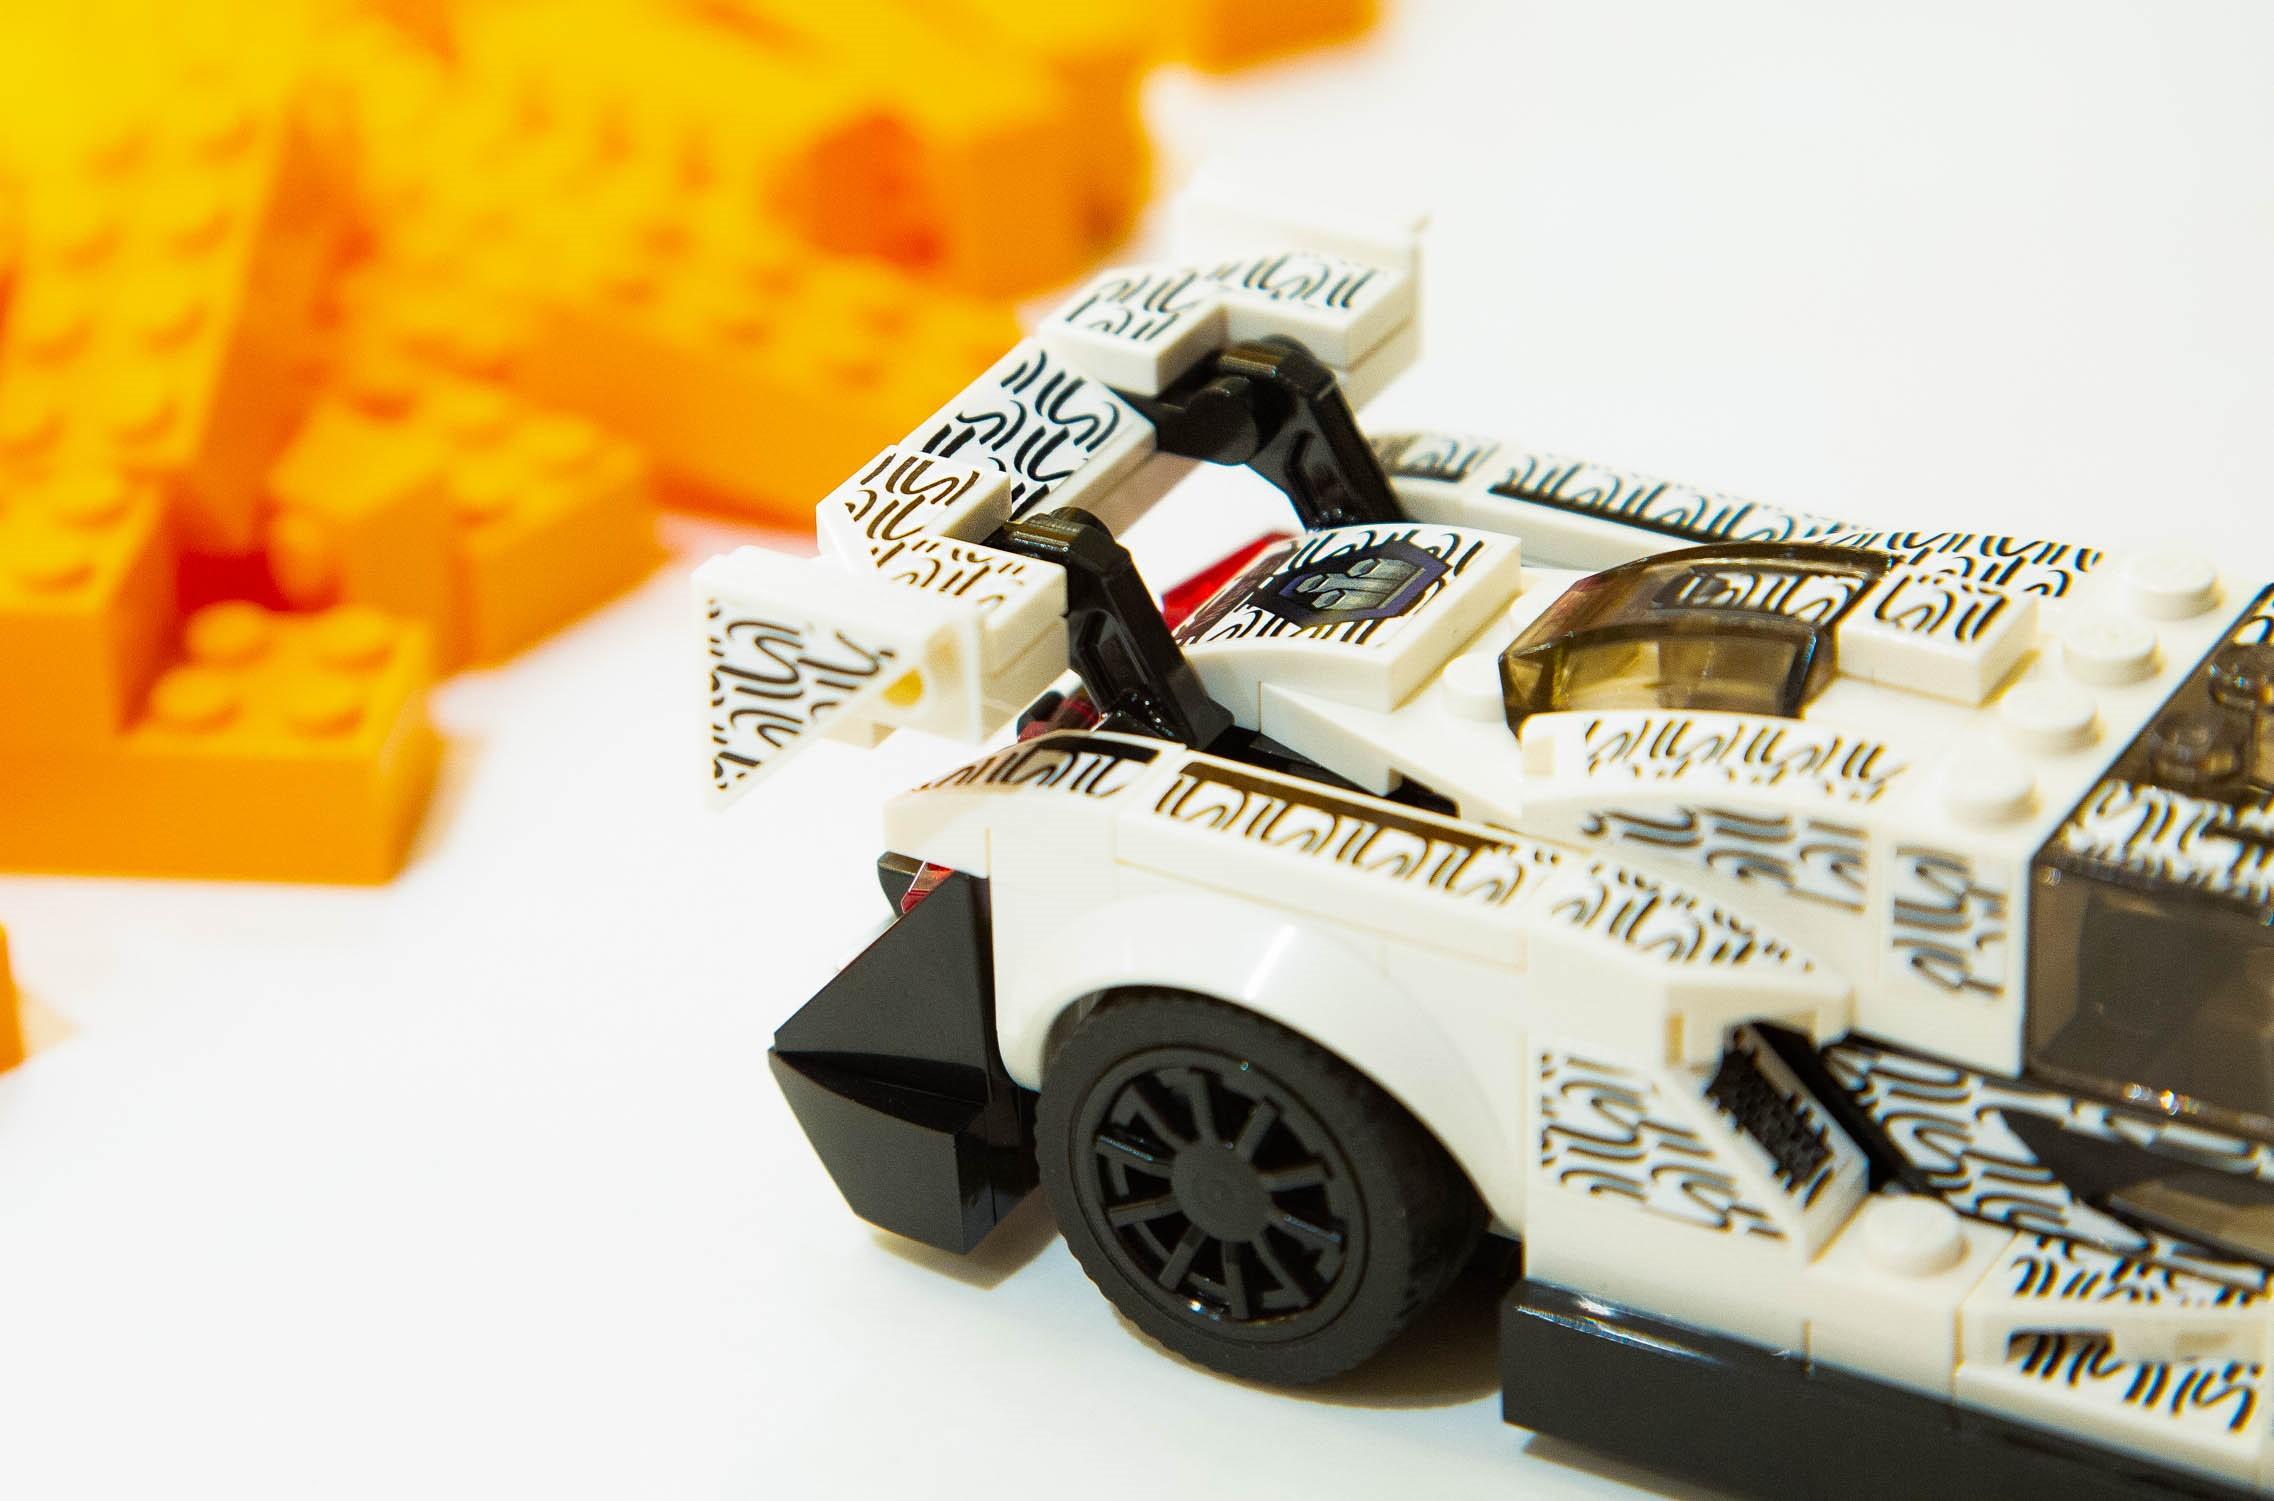 McLaren e Lego: il misterioso prototipo di mattoncini avvistato a Londra thumbnail